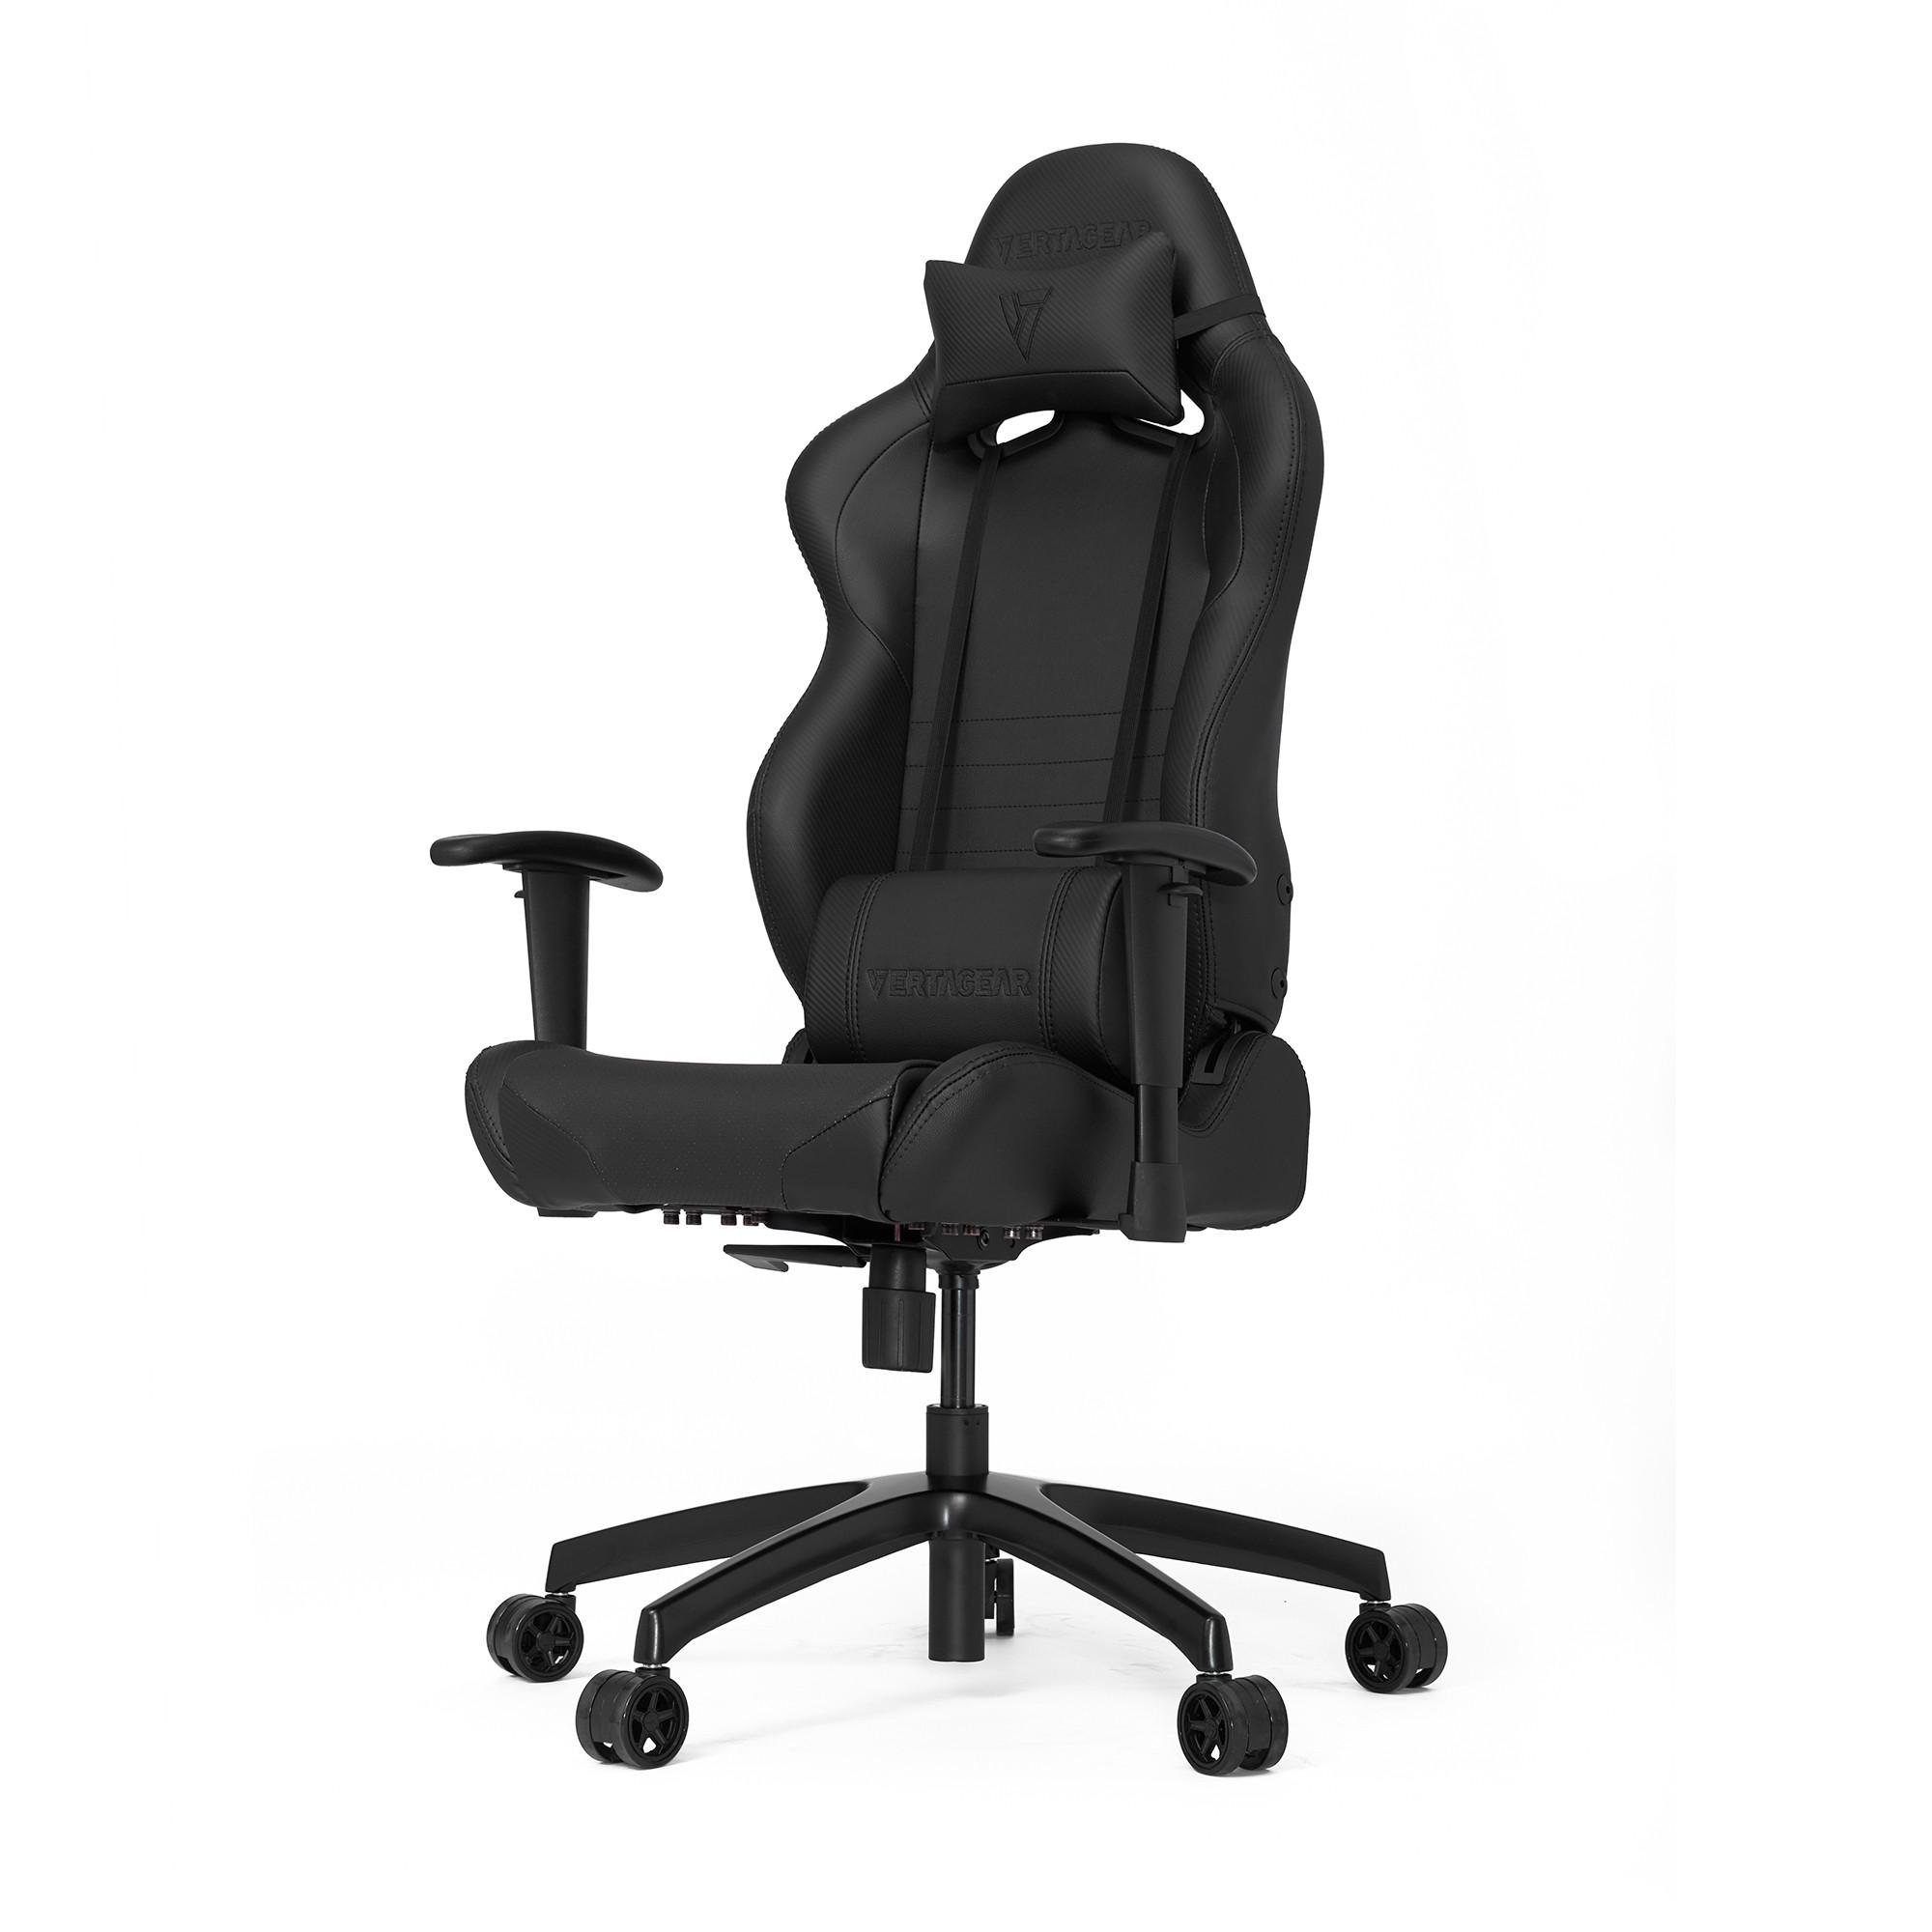 Профессиональное киберспортивное кресло Vertagear SL2000 черныйНабивка в SL-2000 сделанная из высокоплотной эластичной пены, которая добавляет отличную поддержку и удобство в положении сидя.&#13;<br>&#13;<br>Элегантное исполнение модели SL-2000 сделано из высококачественной PVC кожи, которая делает покрытие невероятно прочным и дает креслу роскошный вид. Этот материал легко чистить и поддерживать в хорошем состоянии, благодаря цветной прошивке и водозащитным характеристикам.<br>